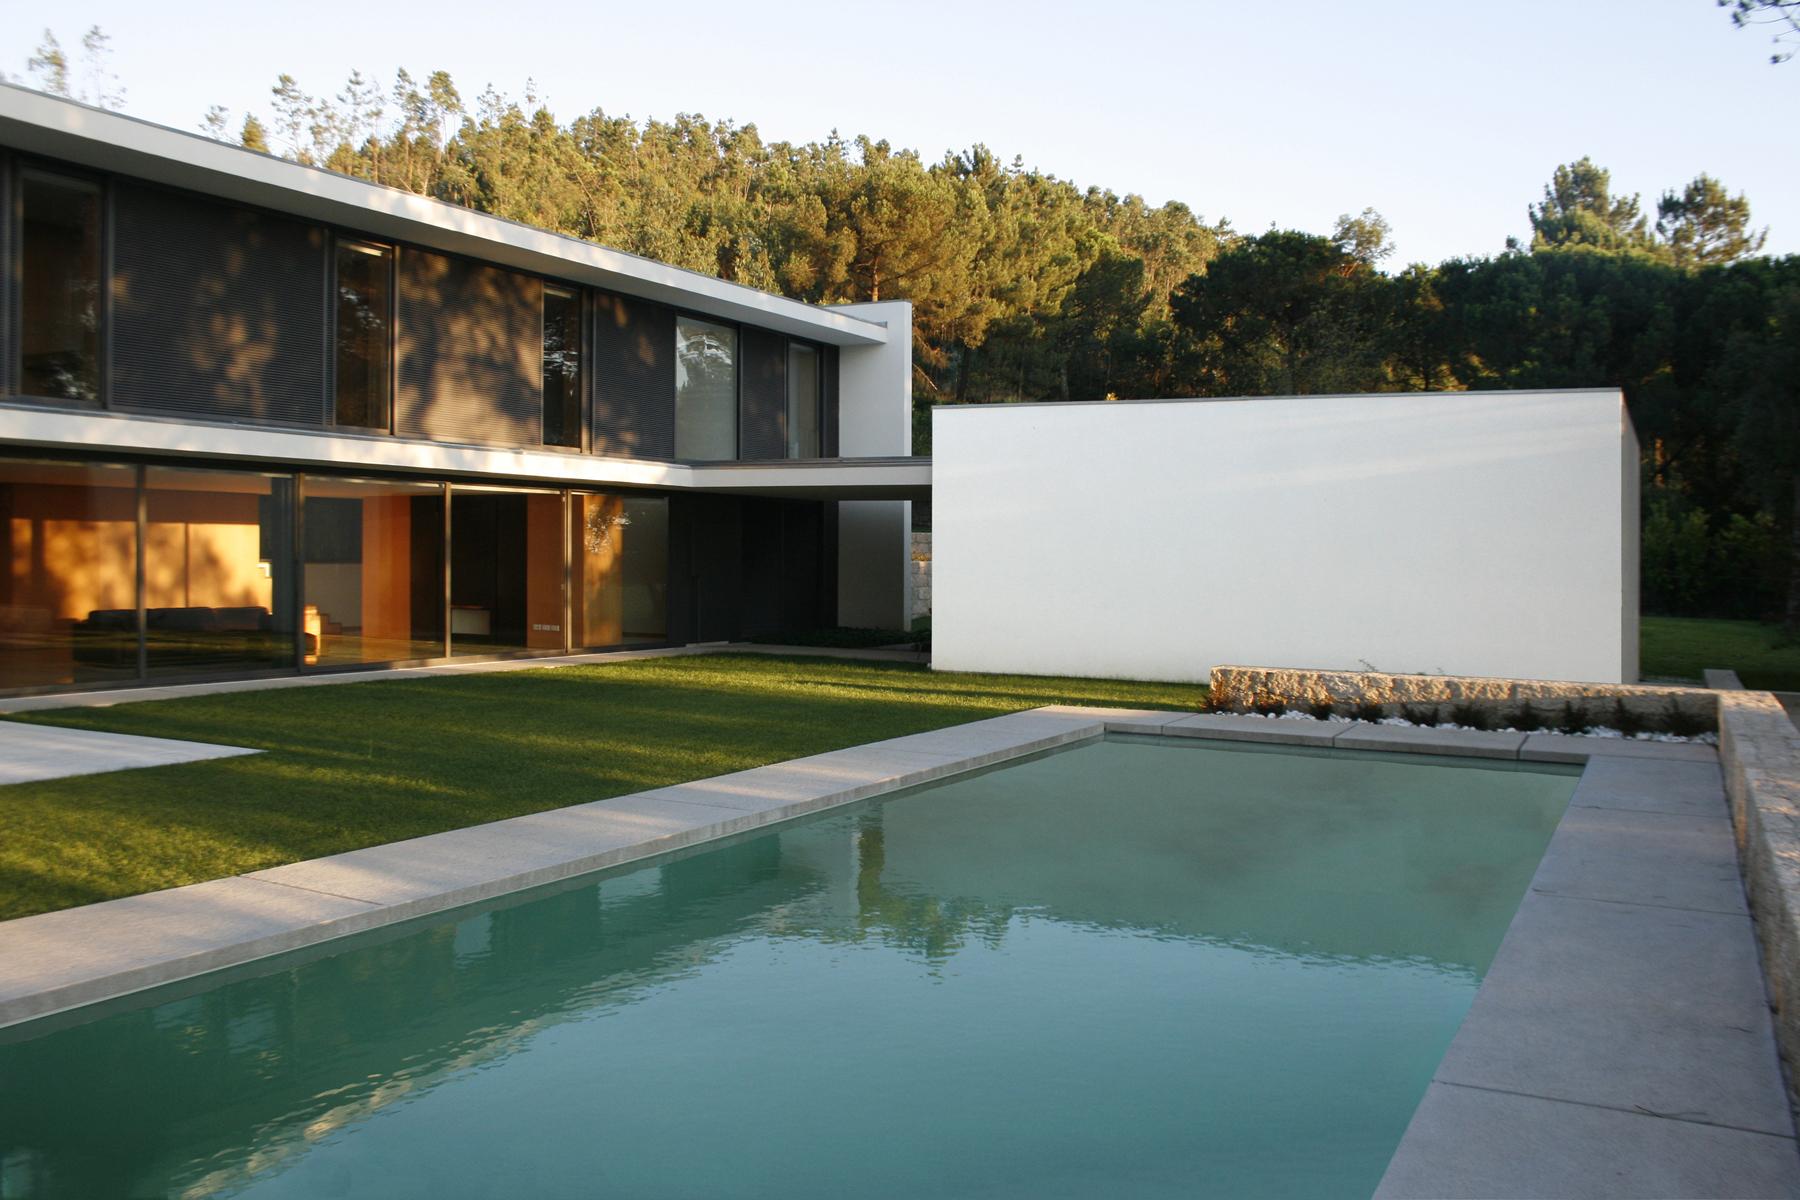 Casa 23 topos atelier de arquitectura for Atelier arquitectura